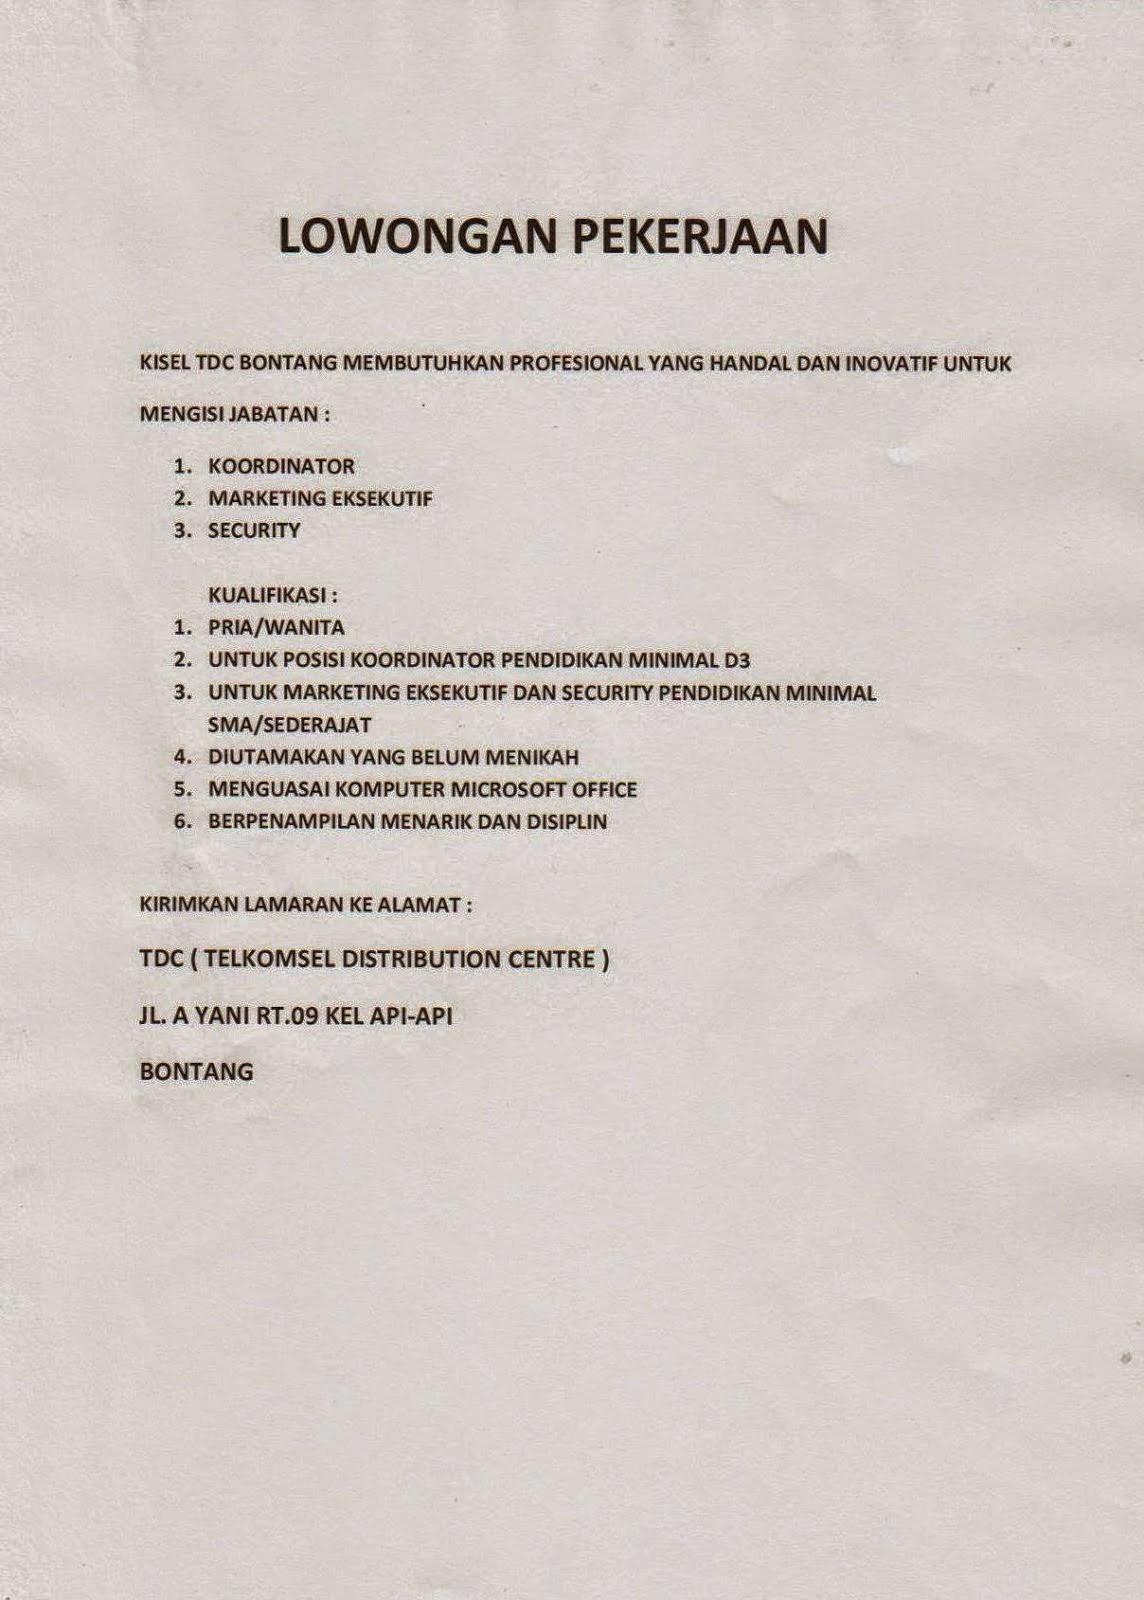 Lowongan Kerja KISEL TDC Bontang